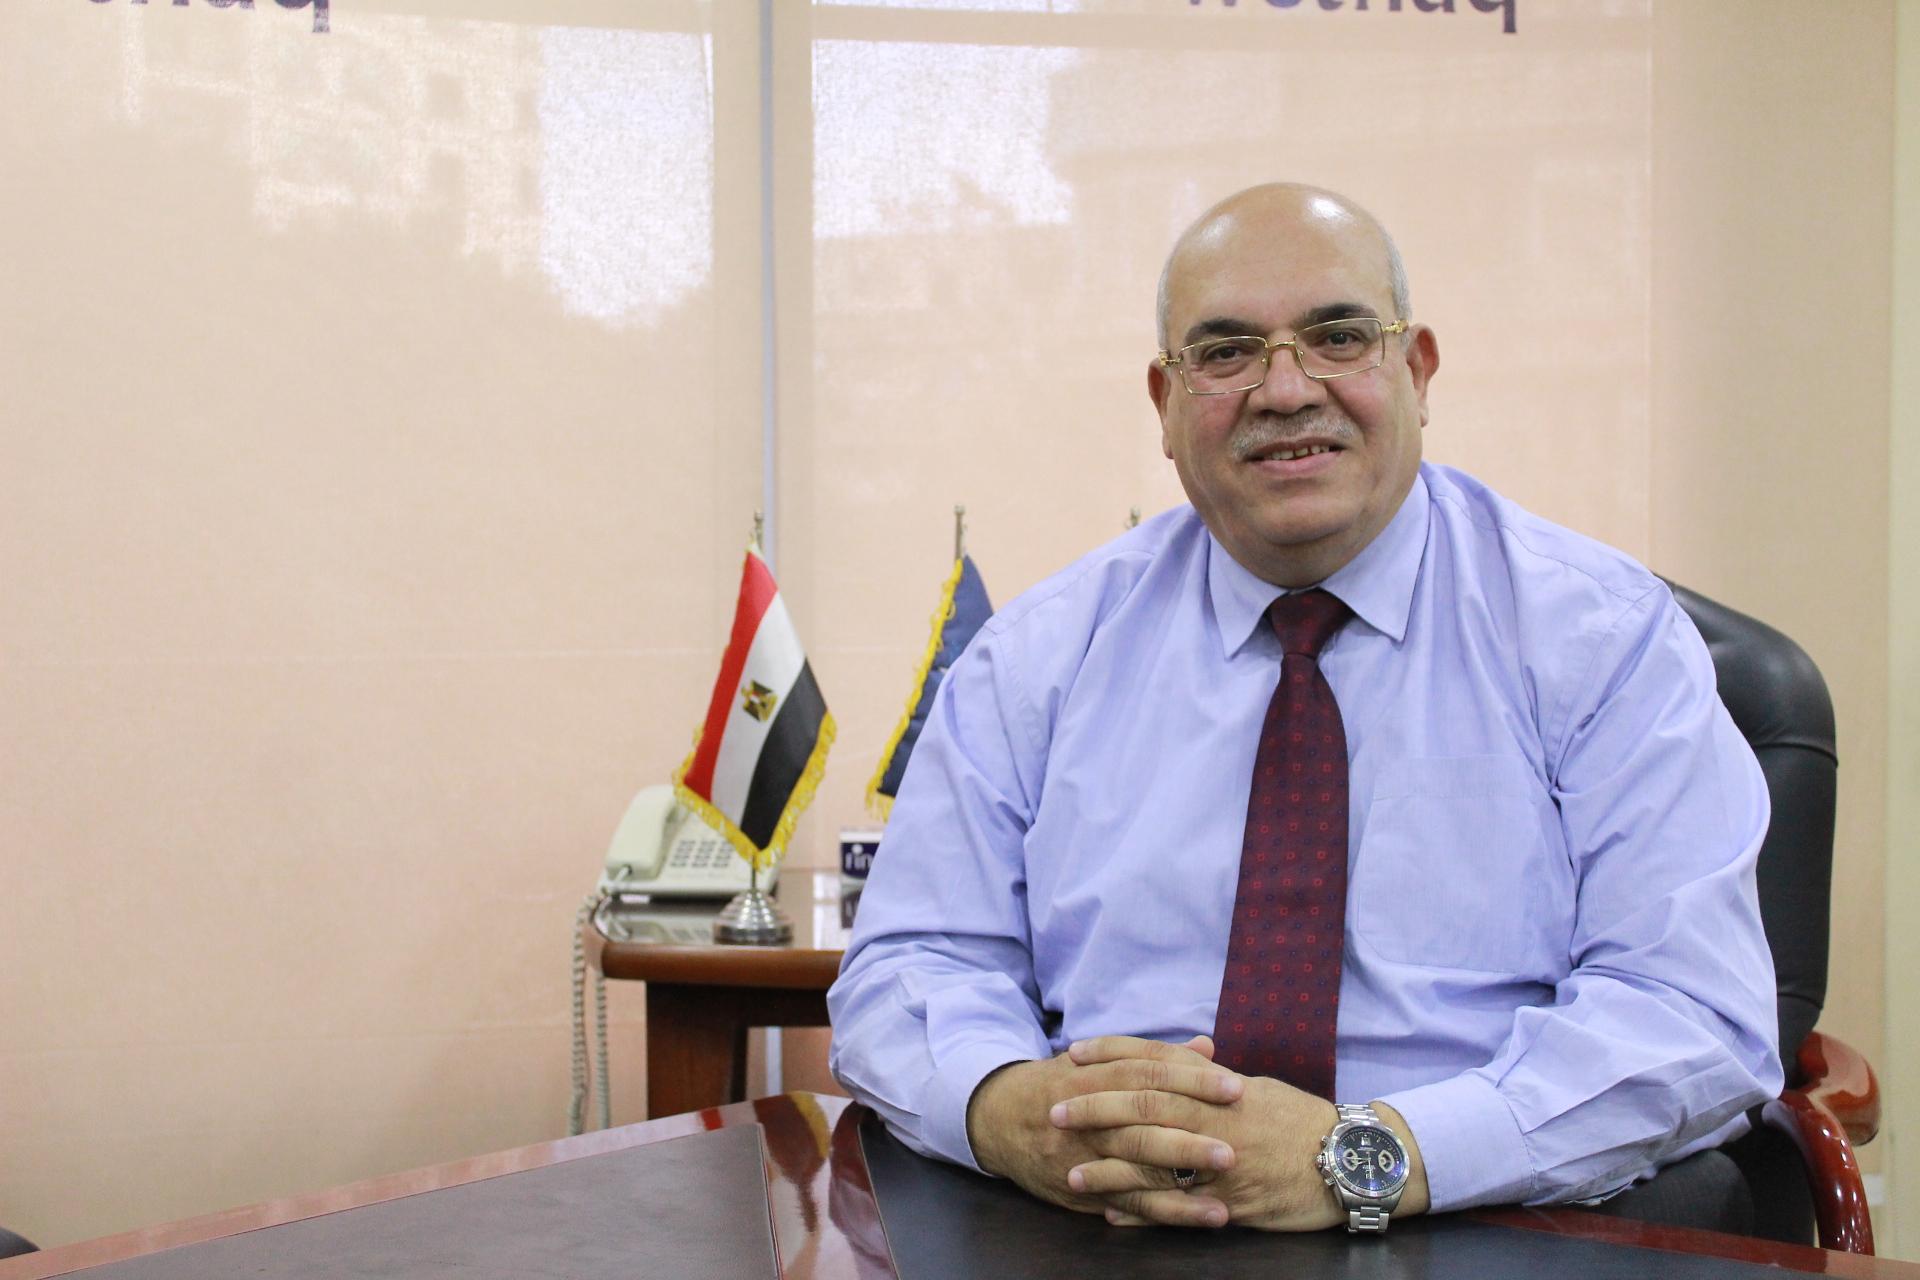 عبد العزيز لبيب ؛ شركة وثاق للتأمين التكافلى